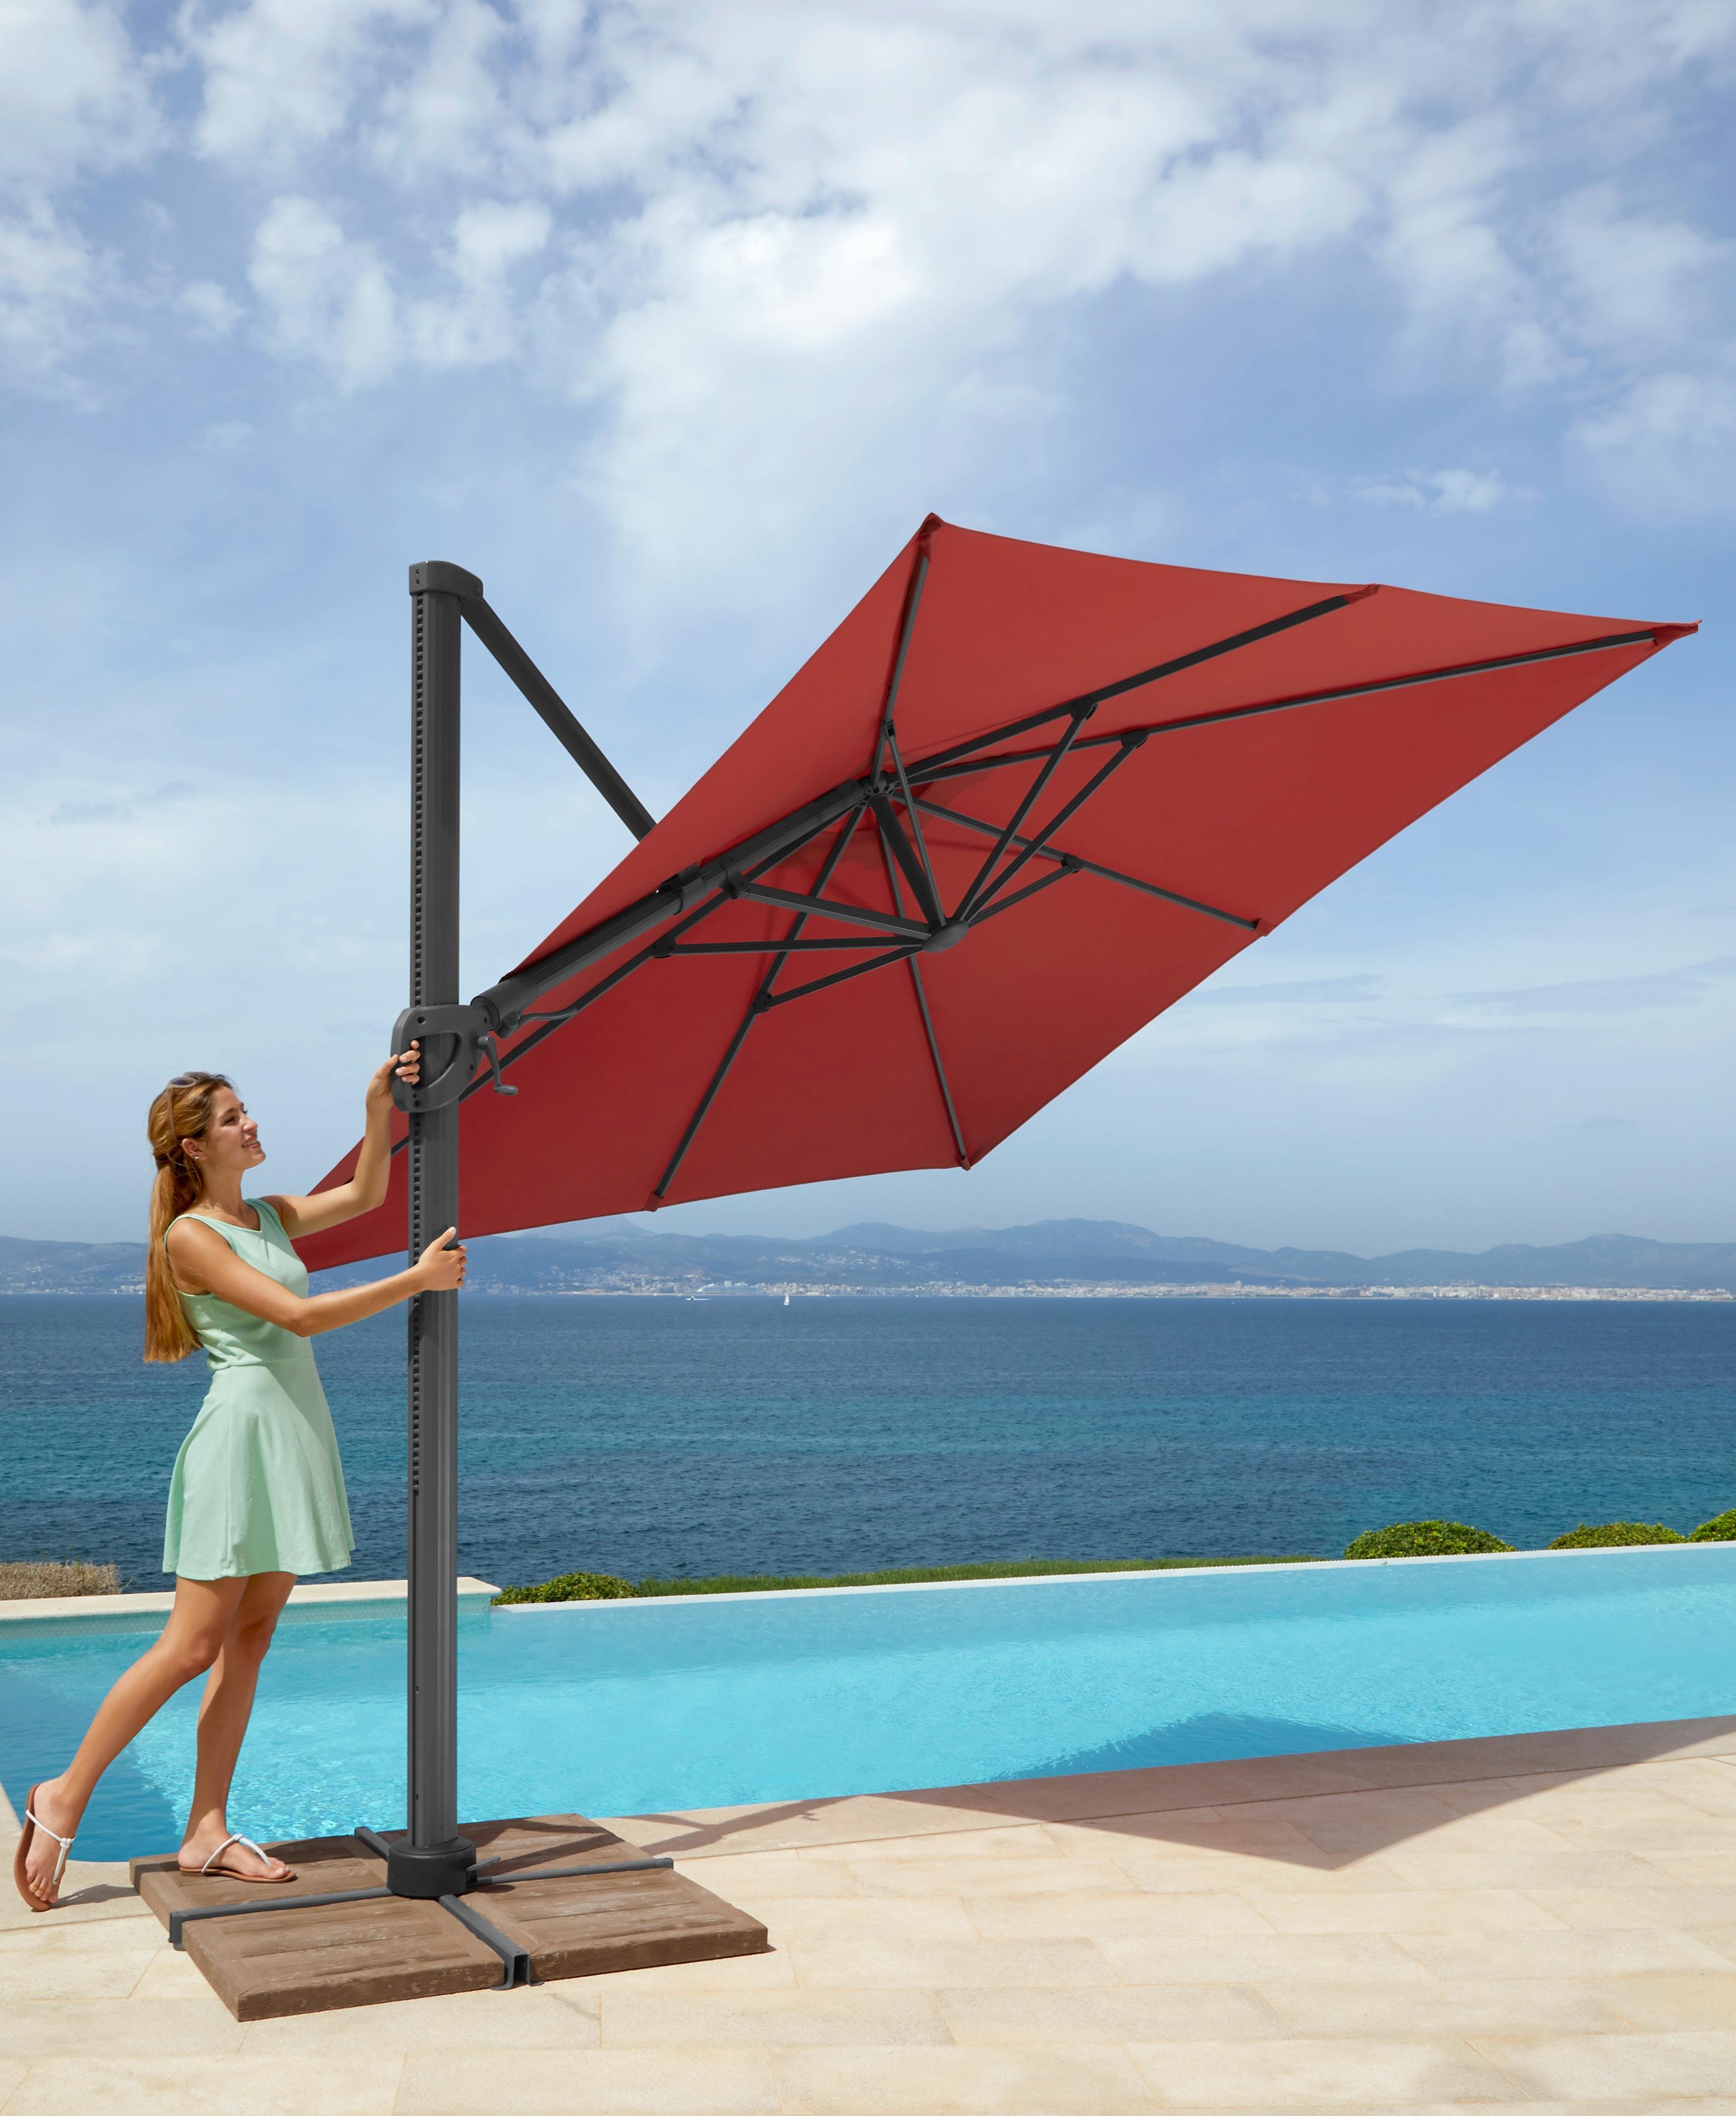 garten gut Sonnenschirm Big Roma, ohne Schirmständer, neigbar rot Sonnenschirme -segel Gartenmöbel Gartendeko